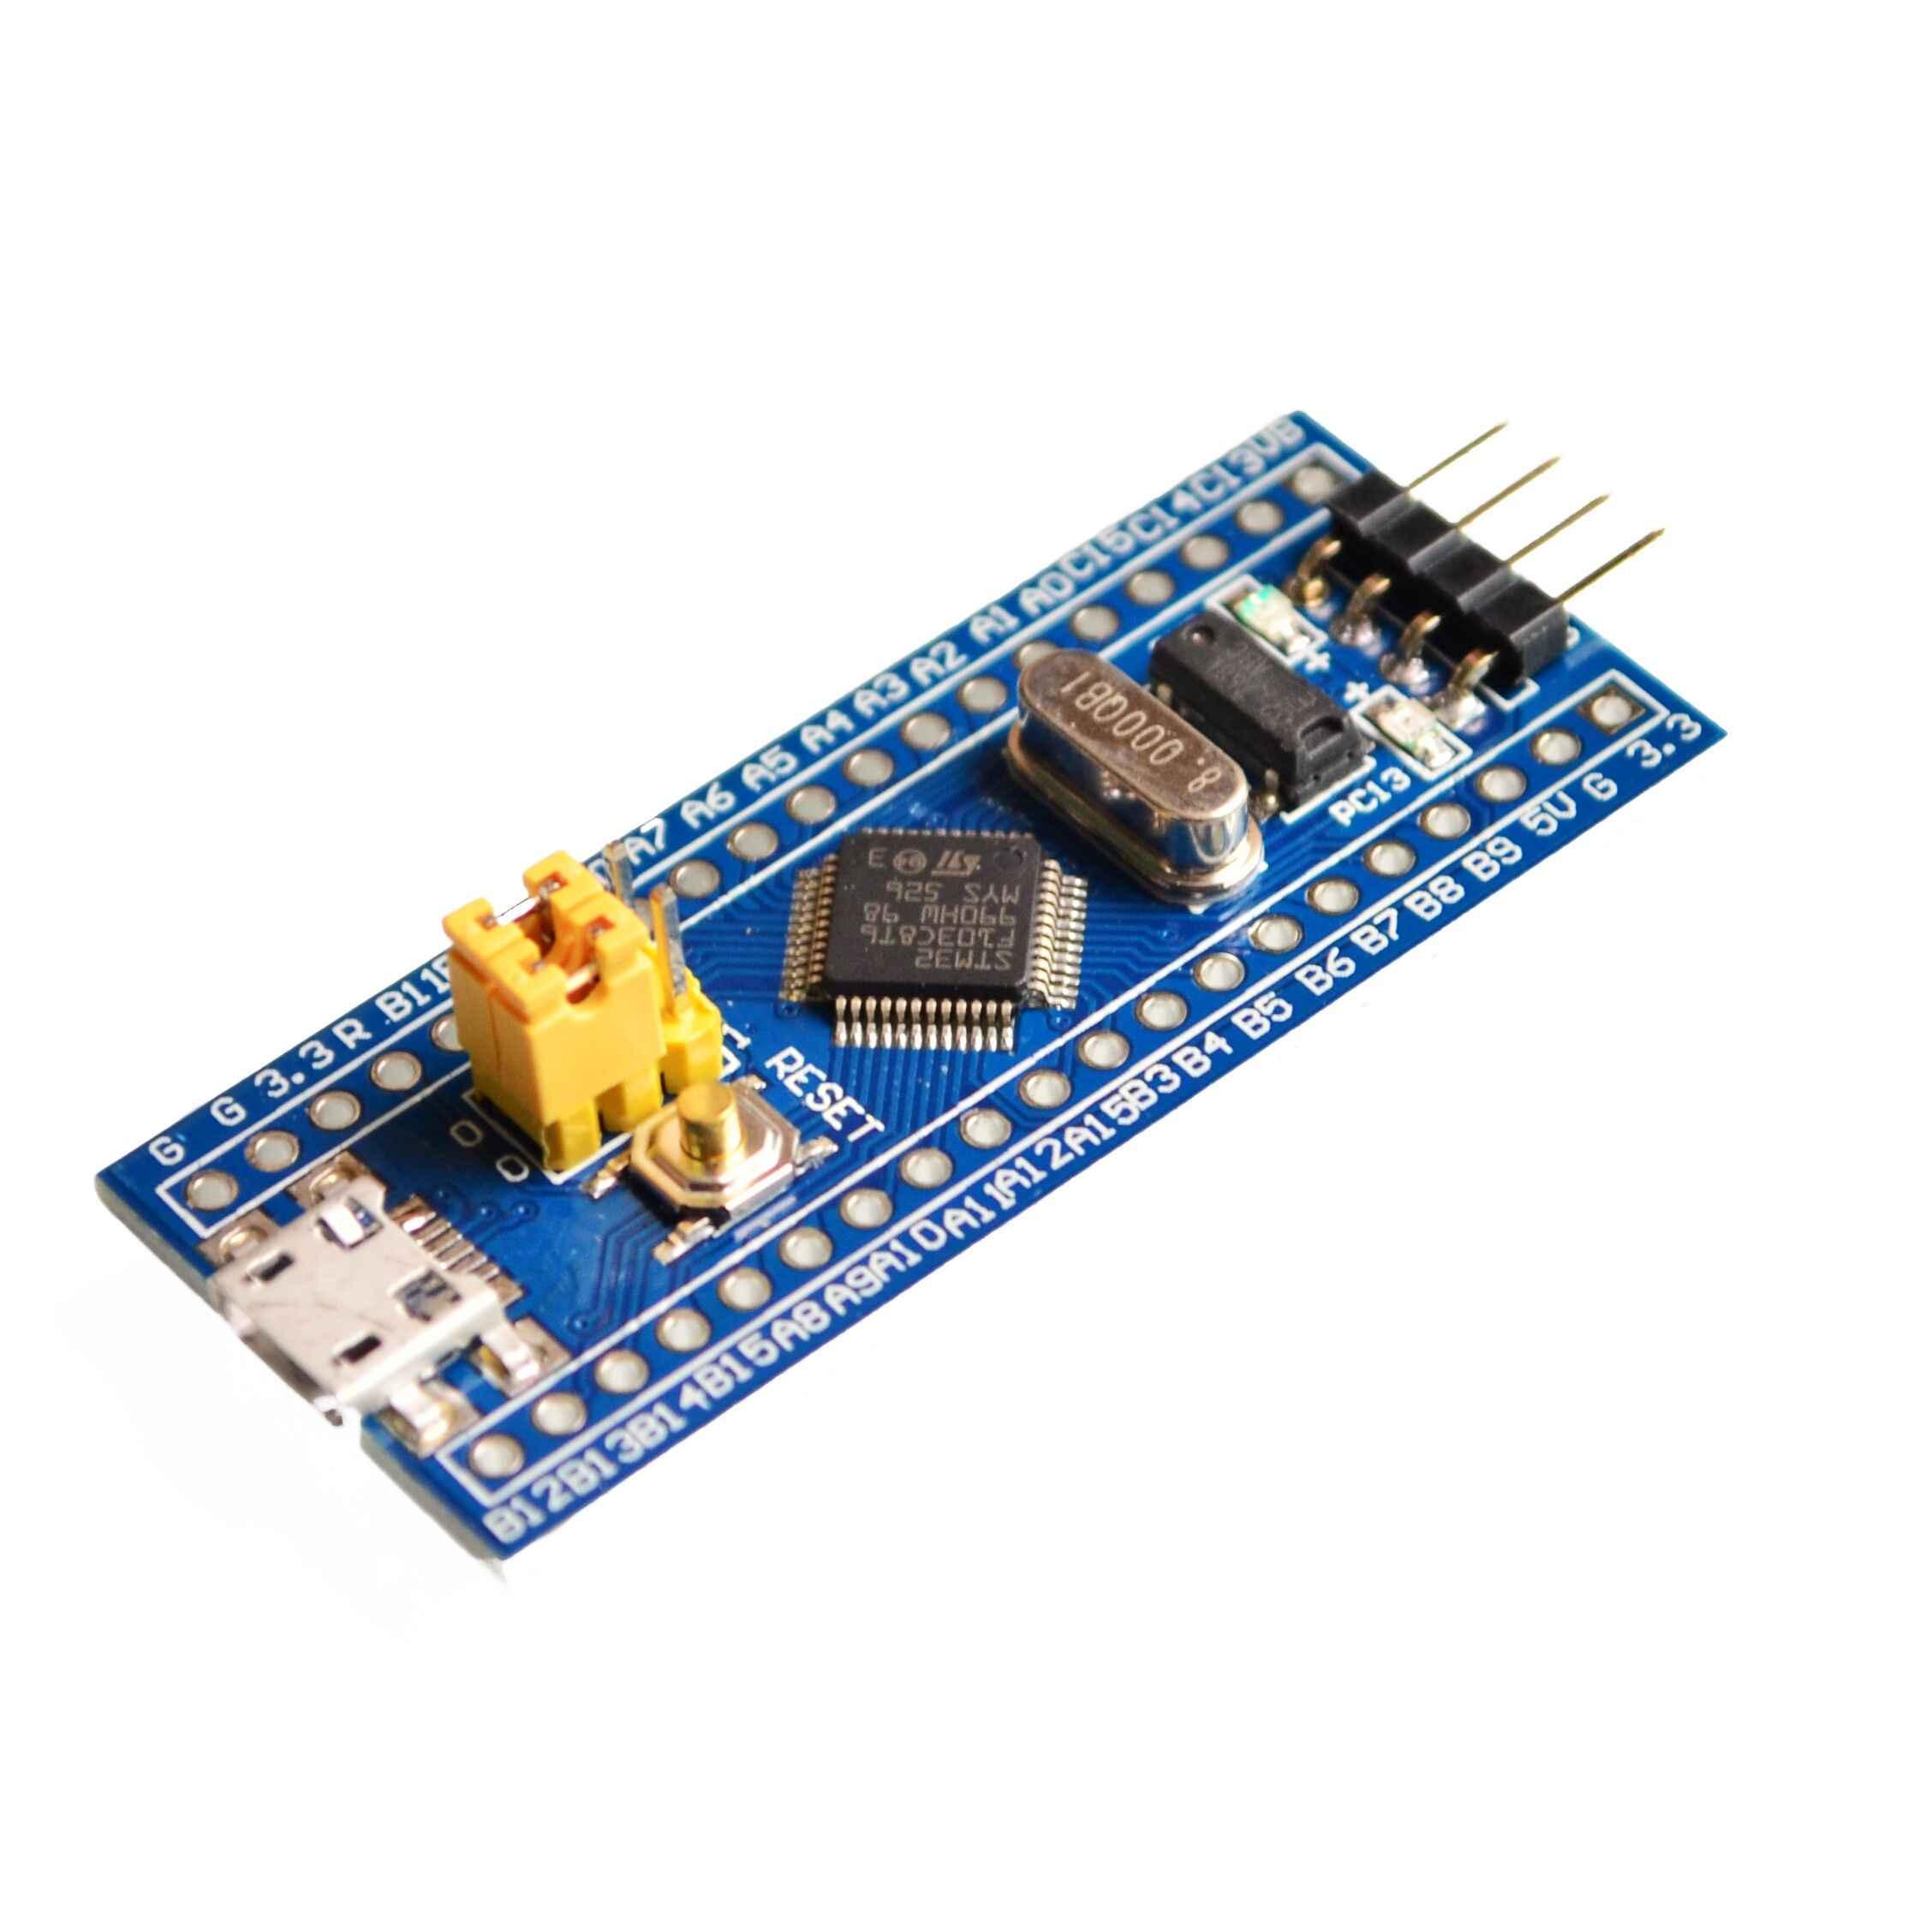 STM32F103C8T6 BRACCIO STM32 Minimi di Sistema Scheda di Sviluppo Modulo Per